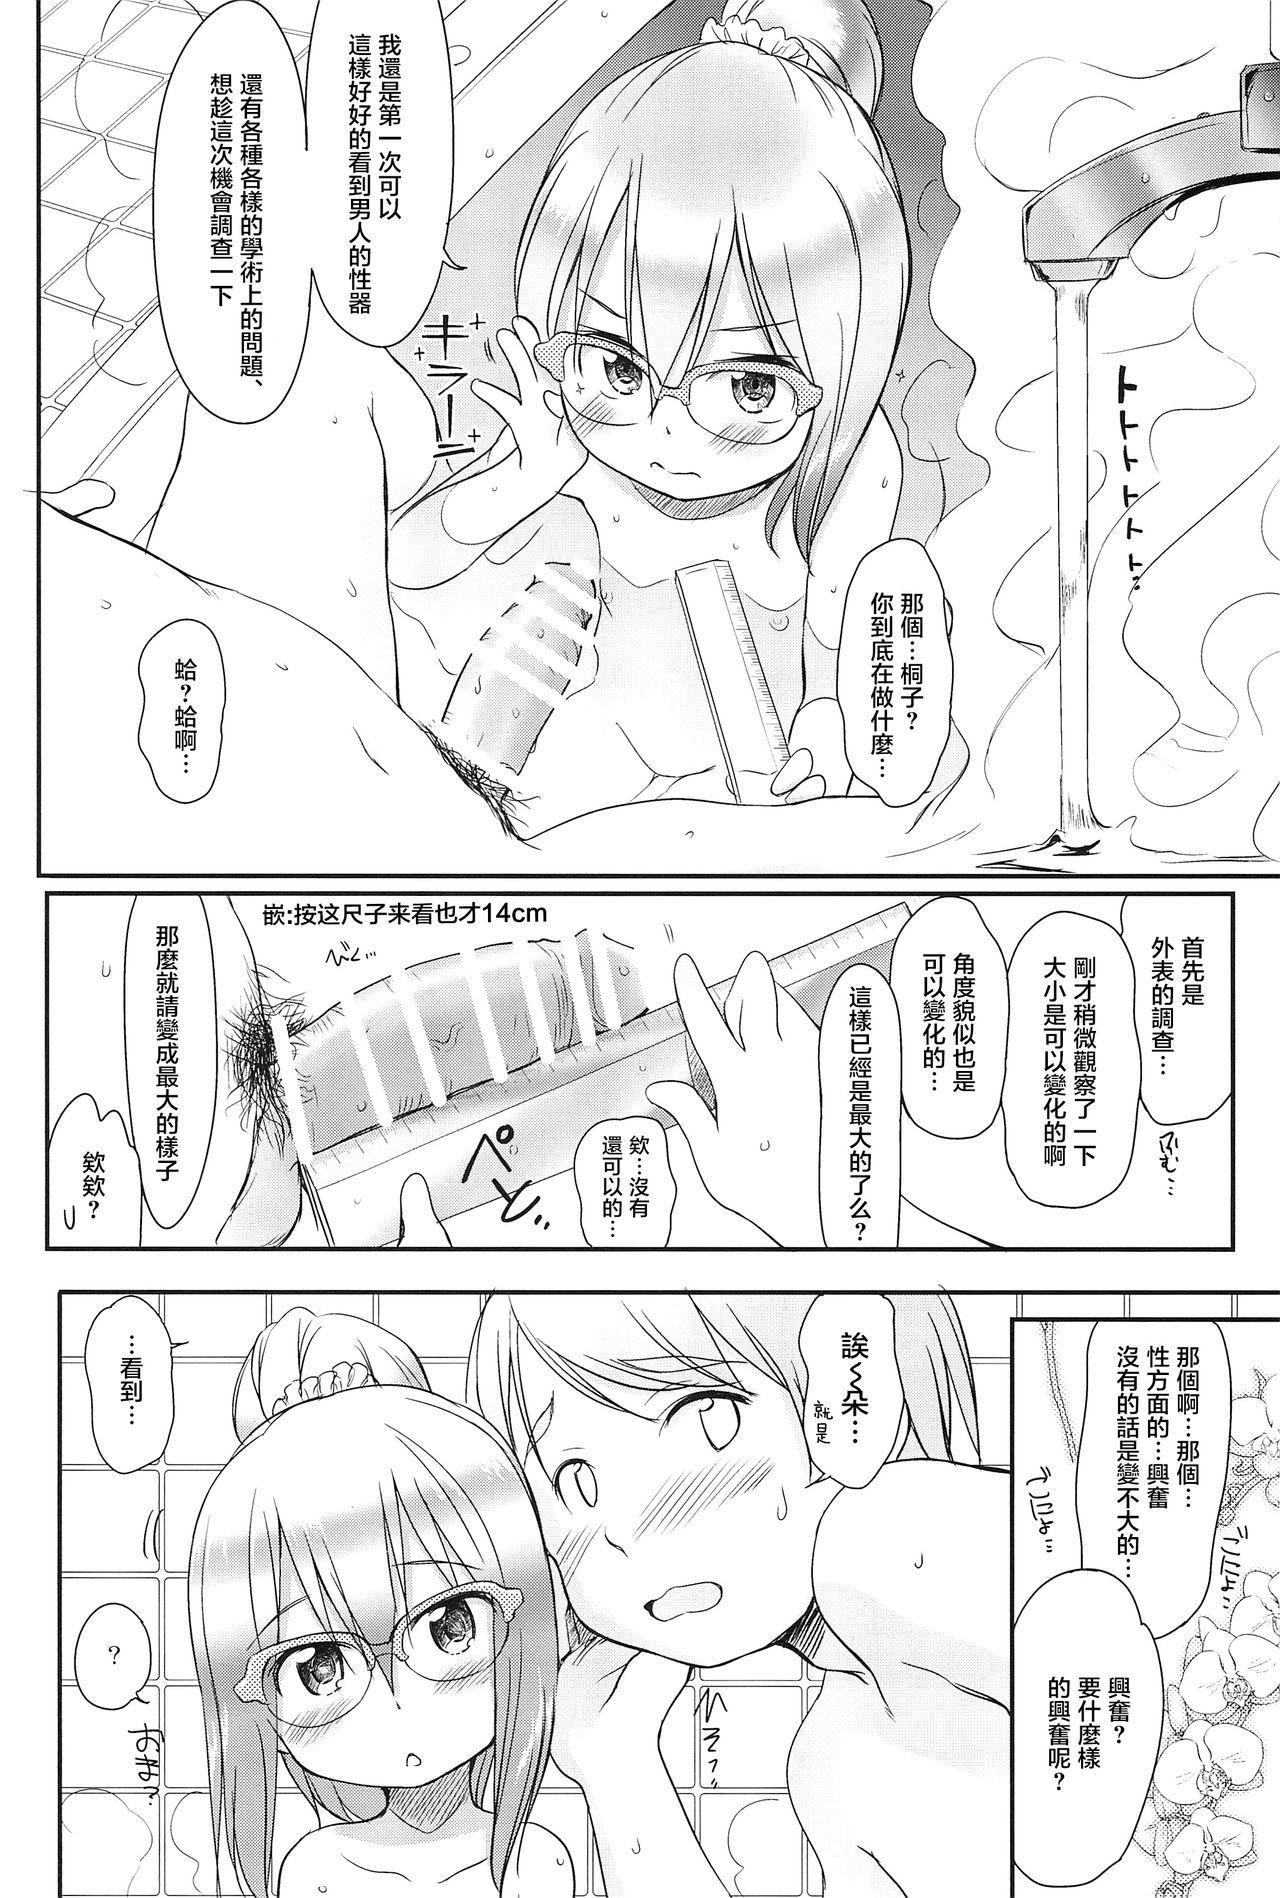 Imouto wa Minna Onii-chan ga Suki! 4 10